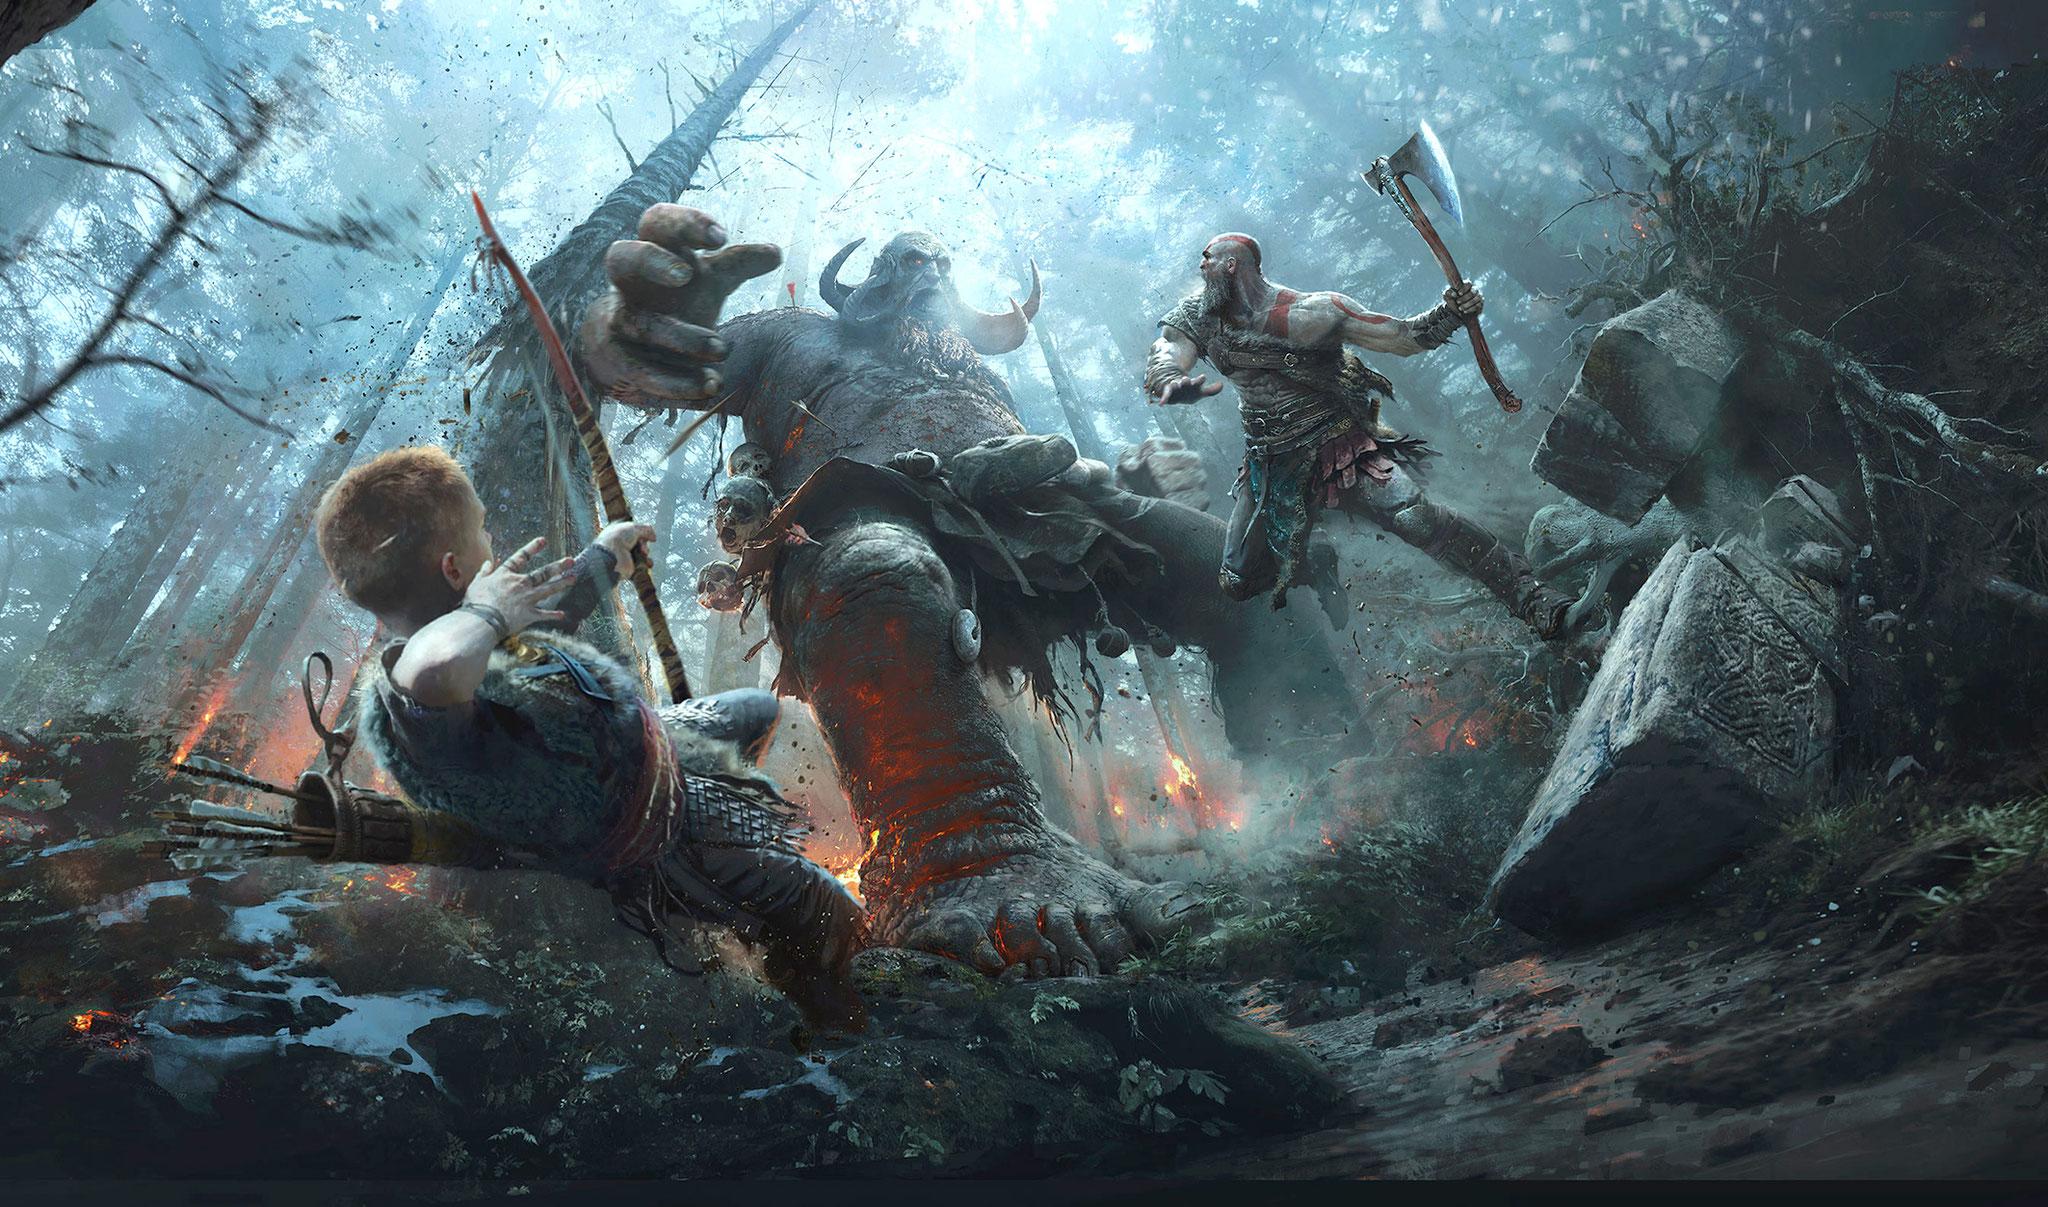 """Darf sich über die höchste Durchspielrate in der Liste freuen: das PS4-exklusive """"God of War"""" wurde von immerhin 53,6 Prozent seiner Käufer abgeschlossen."""